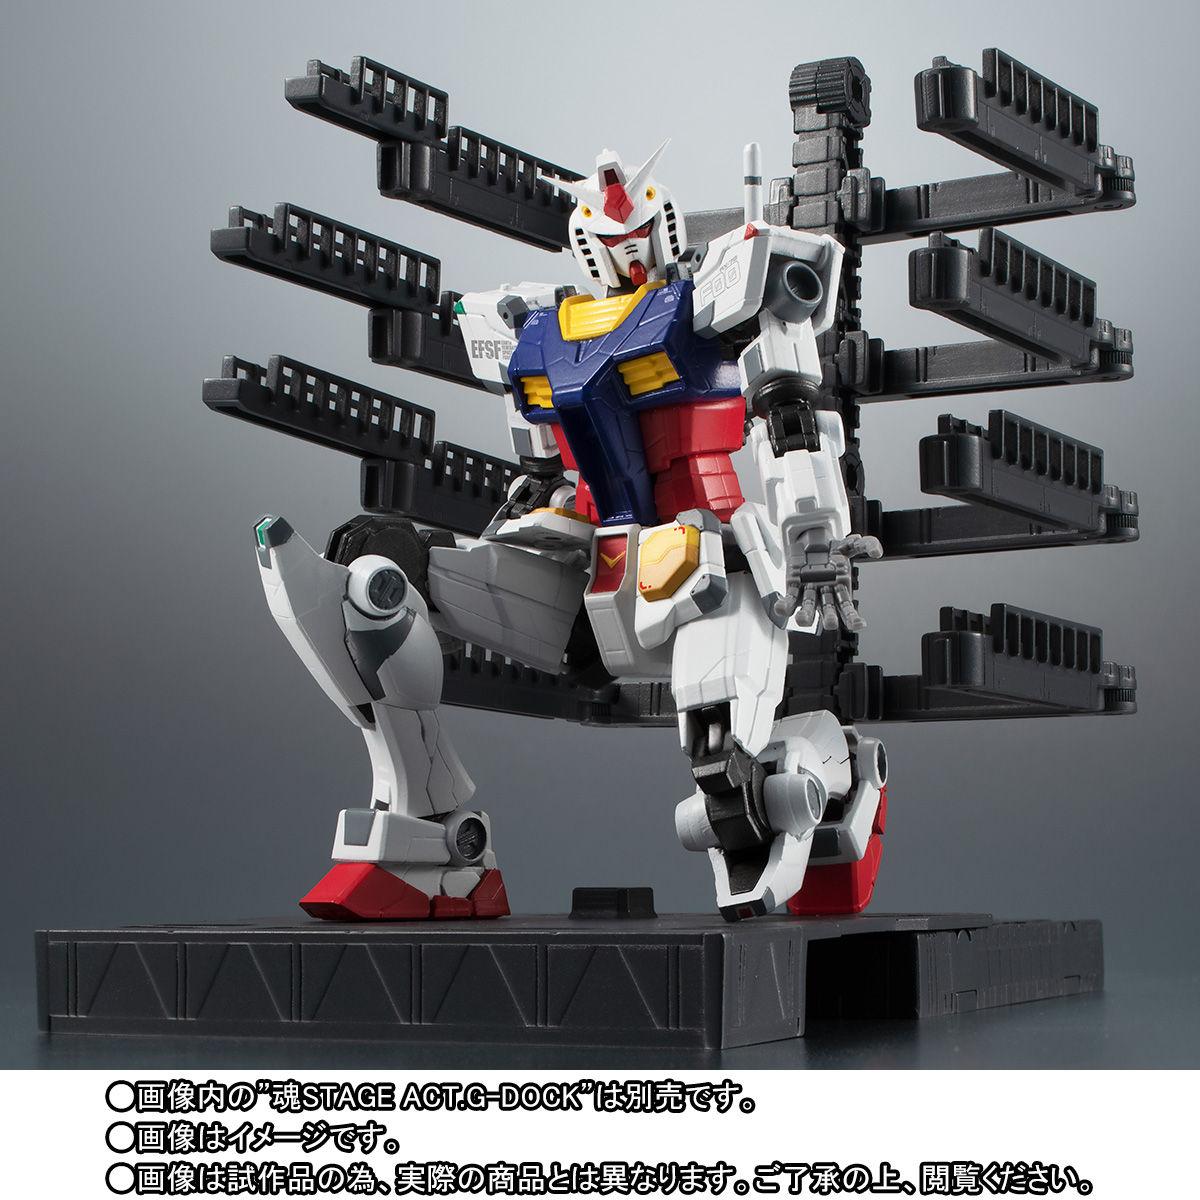 【限定販売】ROBOT魂〈SIDE MS〉『RX-78F00 ガンダム』可動フィギュア-003